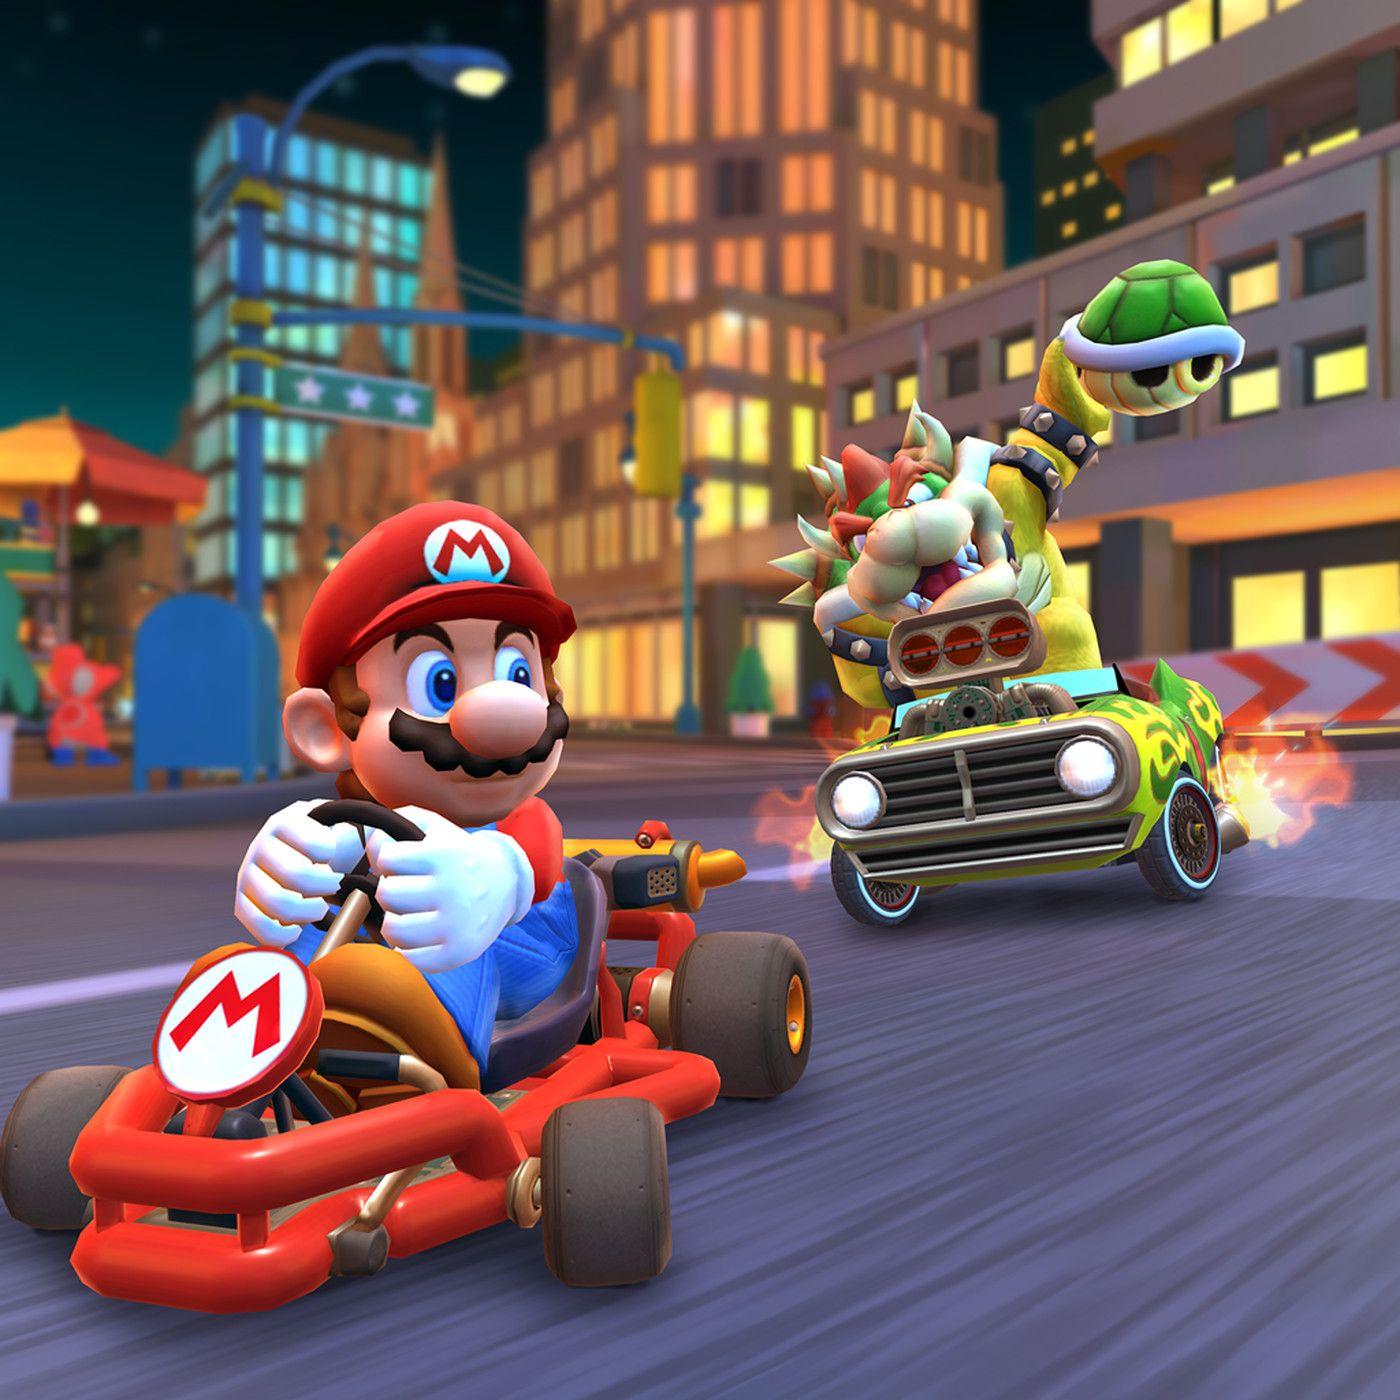 Google Image Result For Https Cdn Vox Cdn Com Thumbor O4hw4naddg6yx78lduakly14vrw 1400x1400 Filters Format Png Cdn Vox Cdn Mario Kart Wii Mario Kart Mario